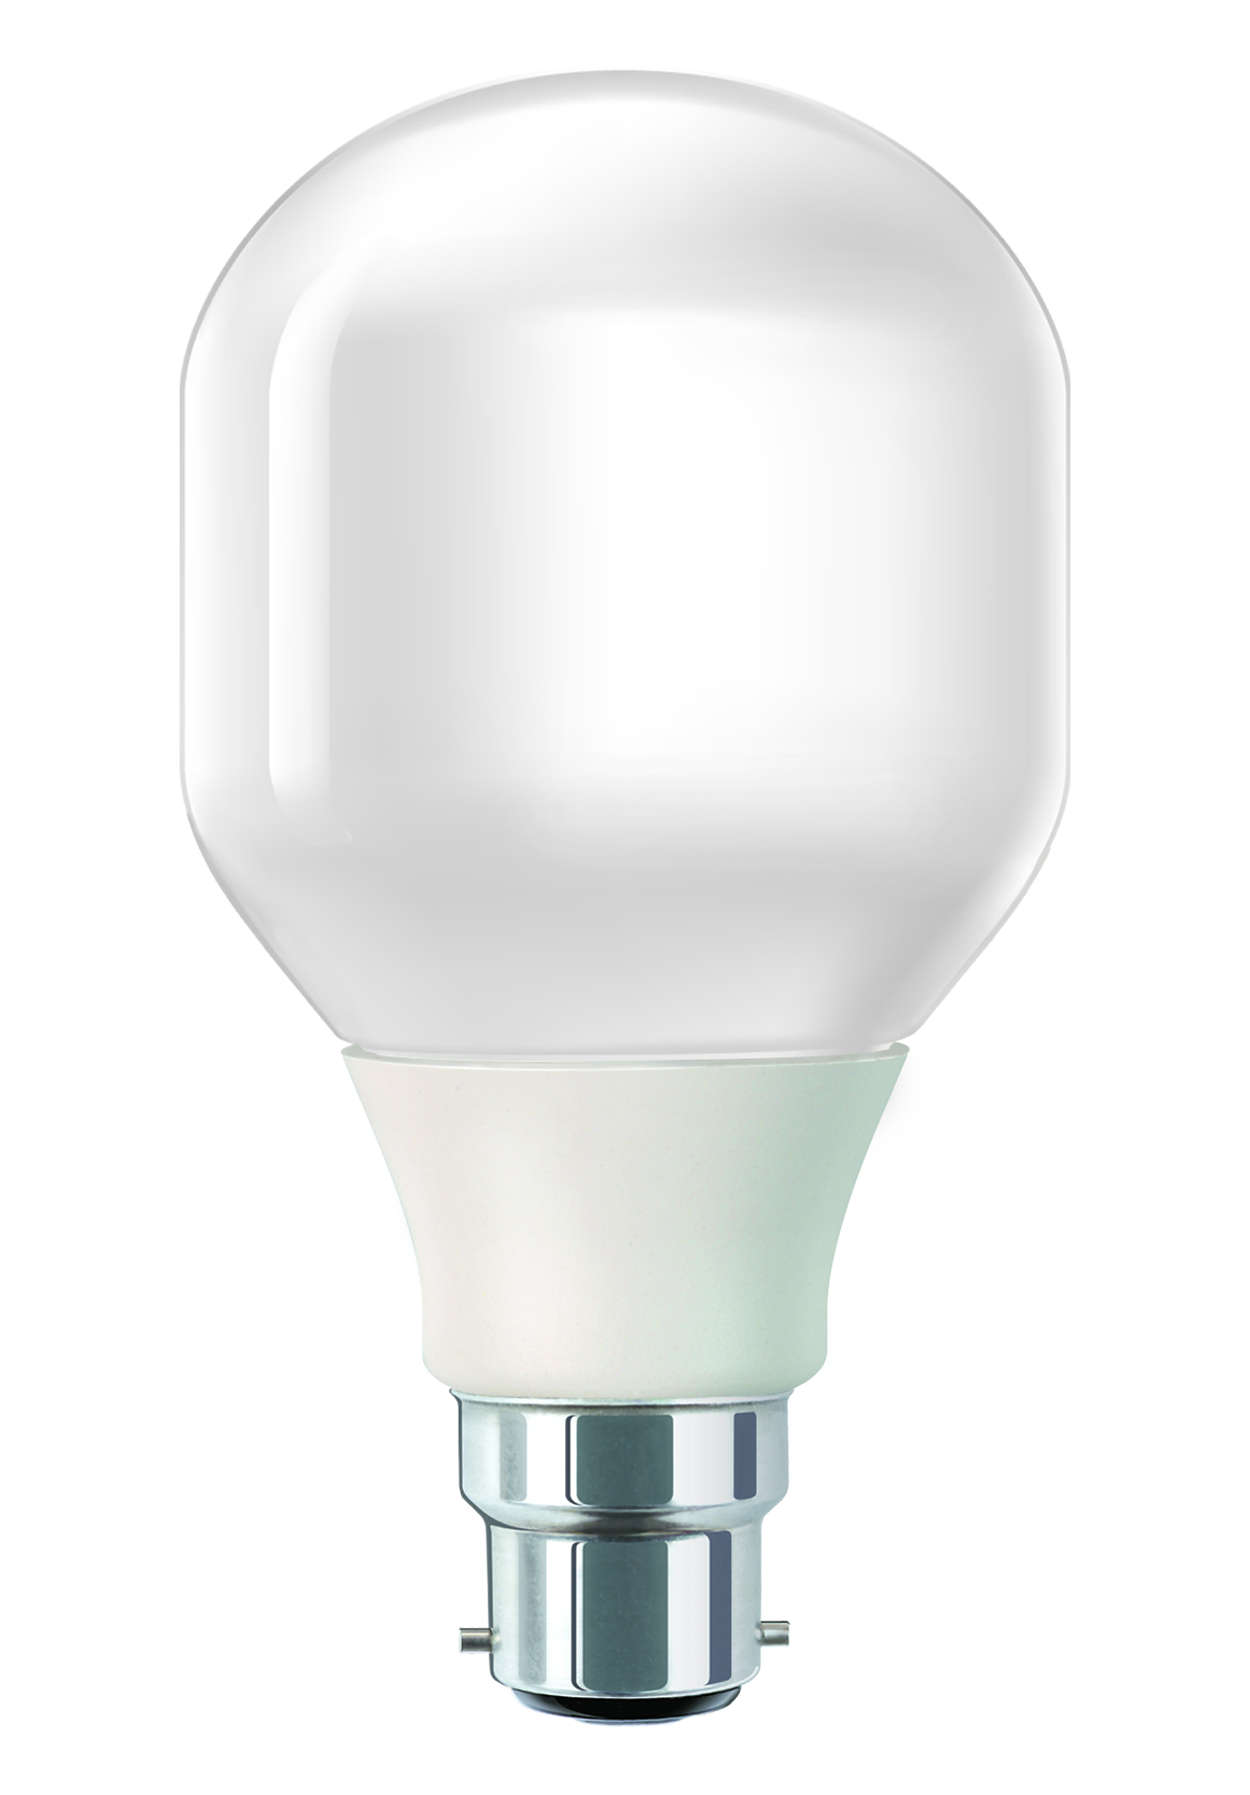 Iluminación ambiental suave y agradable